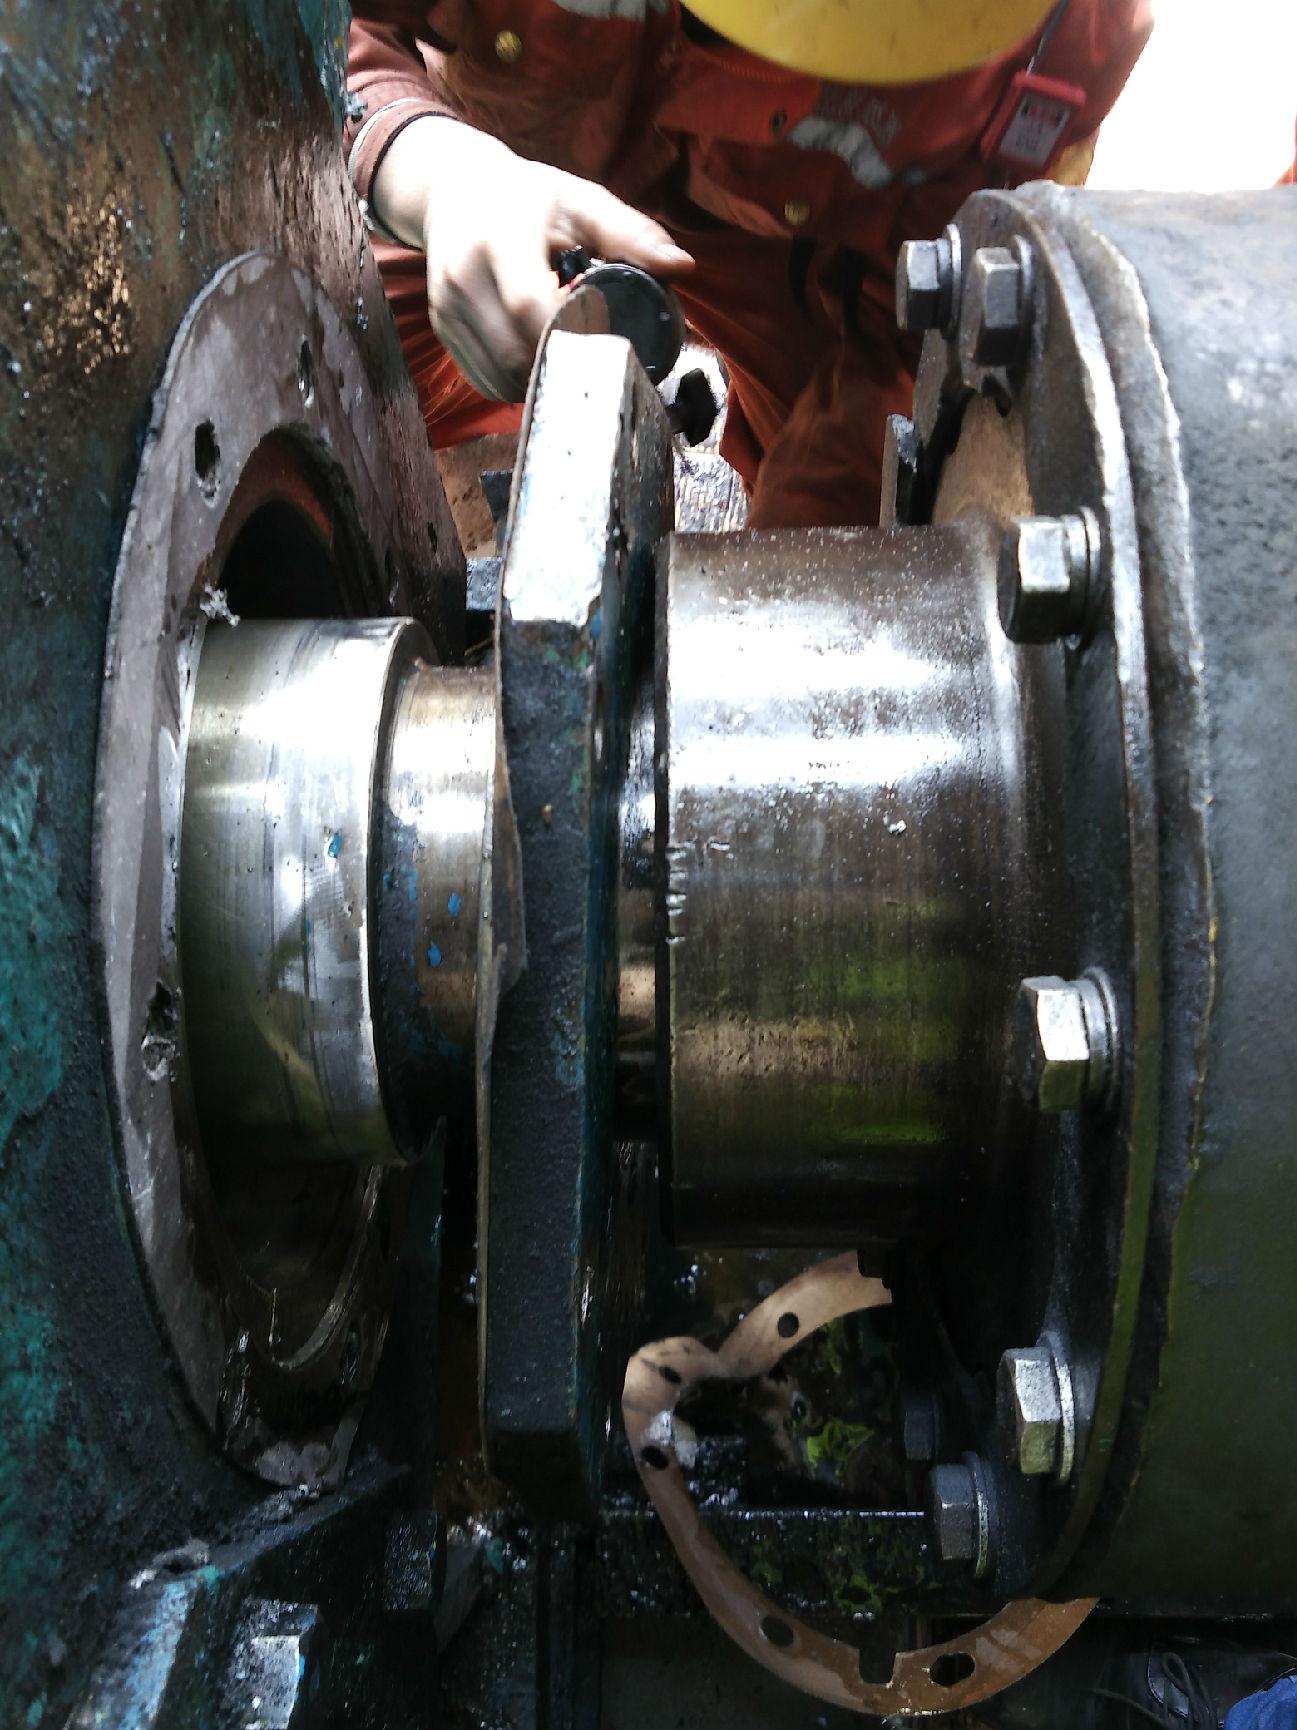 一、什么是辊压机专用减速机 辊压机专用减速机是一种针对辊压机的生产、改造而生产的双轴联动减速机,只需一台电机传动即可。结构及传动原理如下: 1、双轴联动减速机结构:该减速机为一轴输入双轴输出共三级传动:高速级、中间级、低速级。高速级和低速级为行星传动,中间级为平行轴齿轮传动。高速级与电机联接为鼓行齿式联轴器。低速级两输出轴通过花键套或扁轴套经重型万向联轴器与辊压机轴联接,此结构只需通过一个电机即可传递相应转矩。 2、减速机传动原理:该减速机在安装过程中,不需悬挂在辊压机轴头上,而是直接安装在基